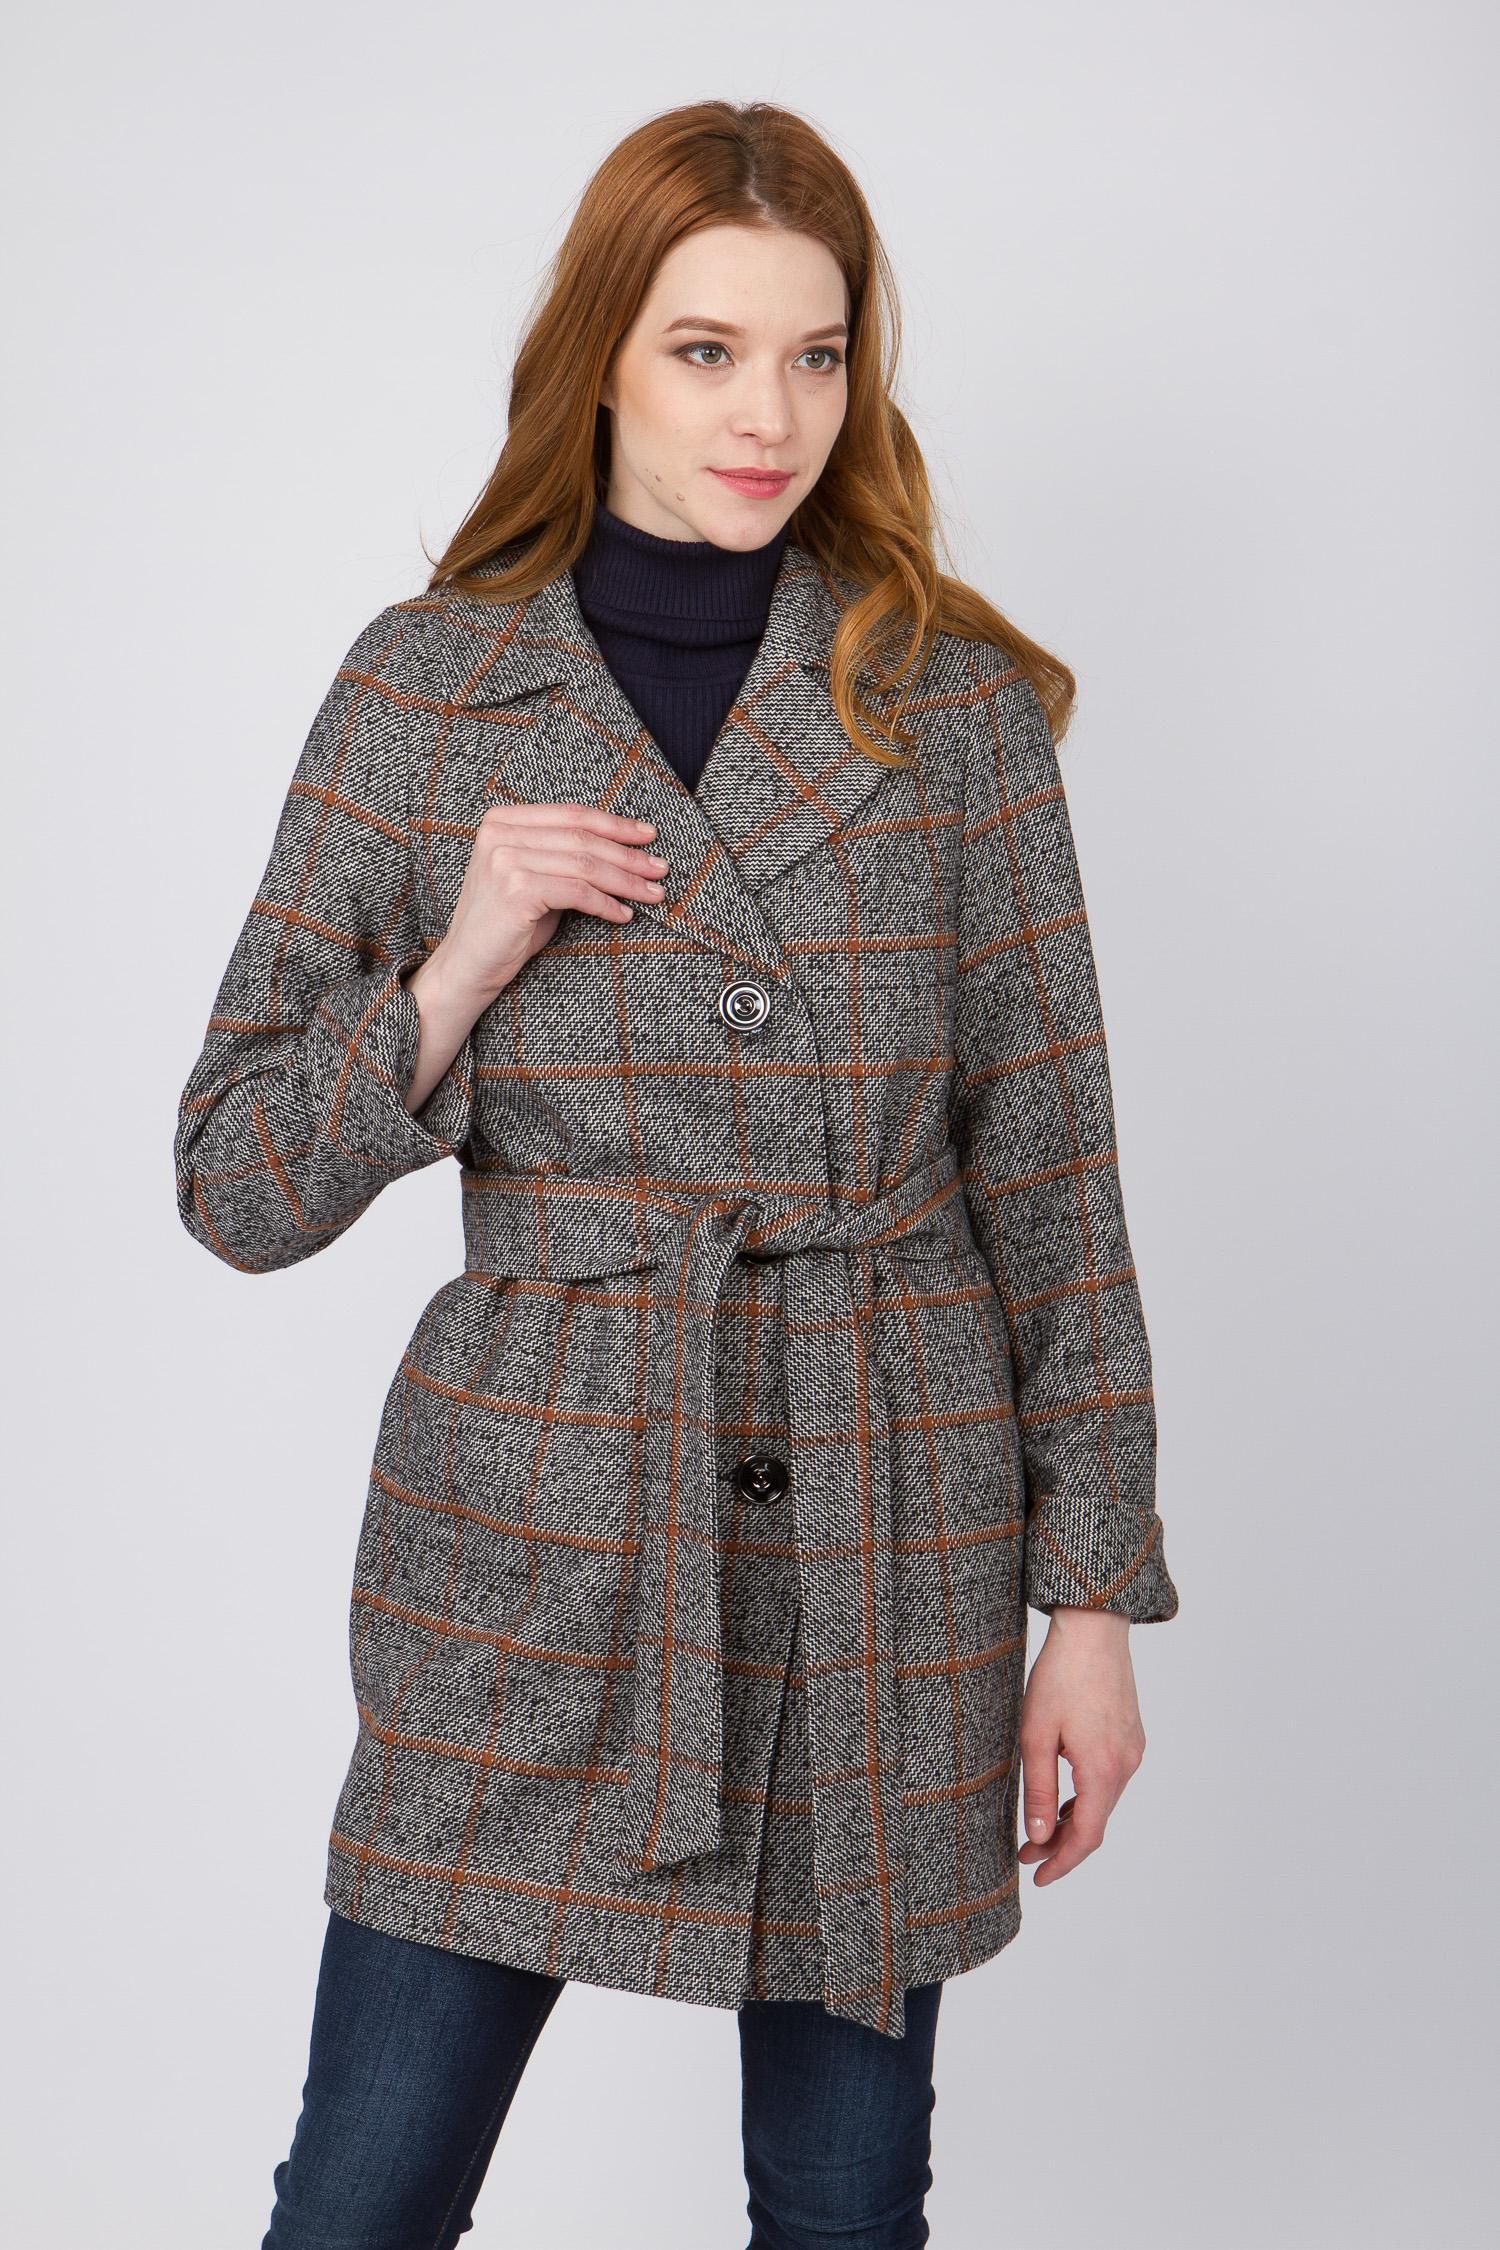 Женское пальто с воротником, без отделки<br><br>Воротник: английский<br>Длина см: Средняя (75-89 )<br>Материал: Комбинированный состав<br>Цвет: серый<br>Вид застежки: центральная<br>Застежка: на пуговицы<br>Пол: Женский<br>Размер RU: 50